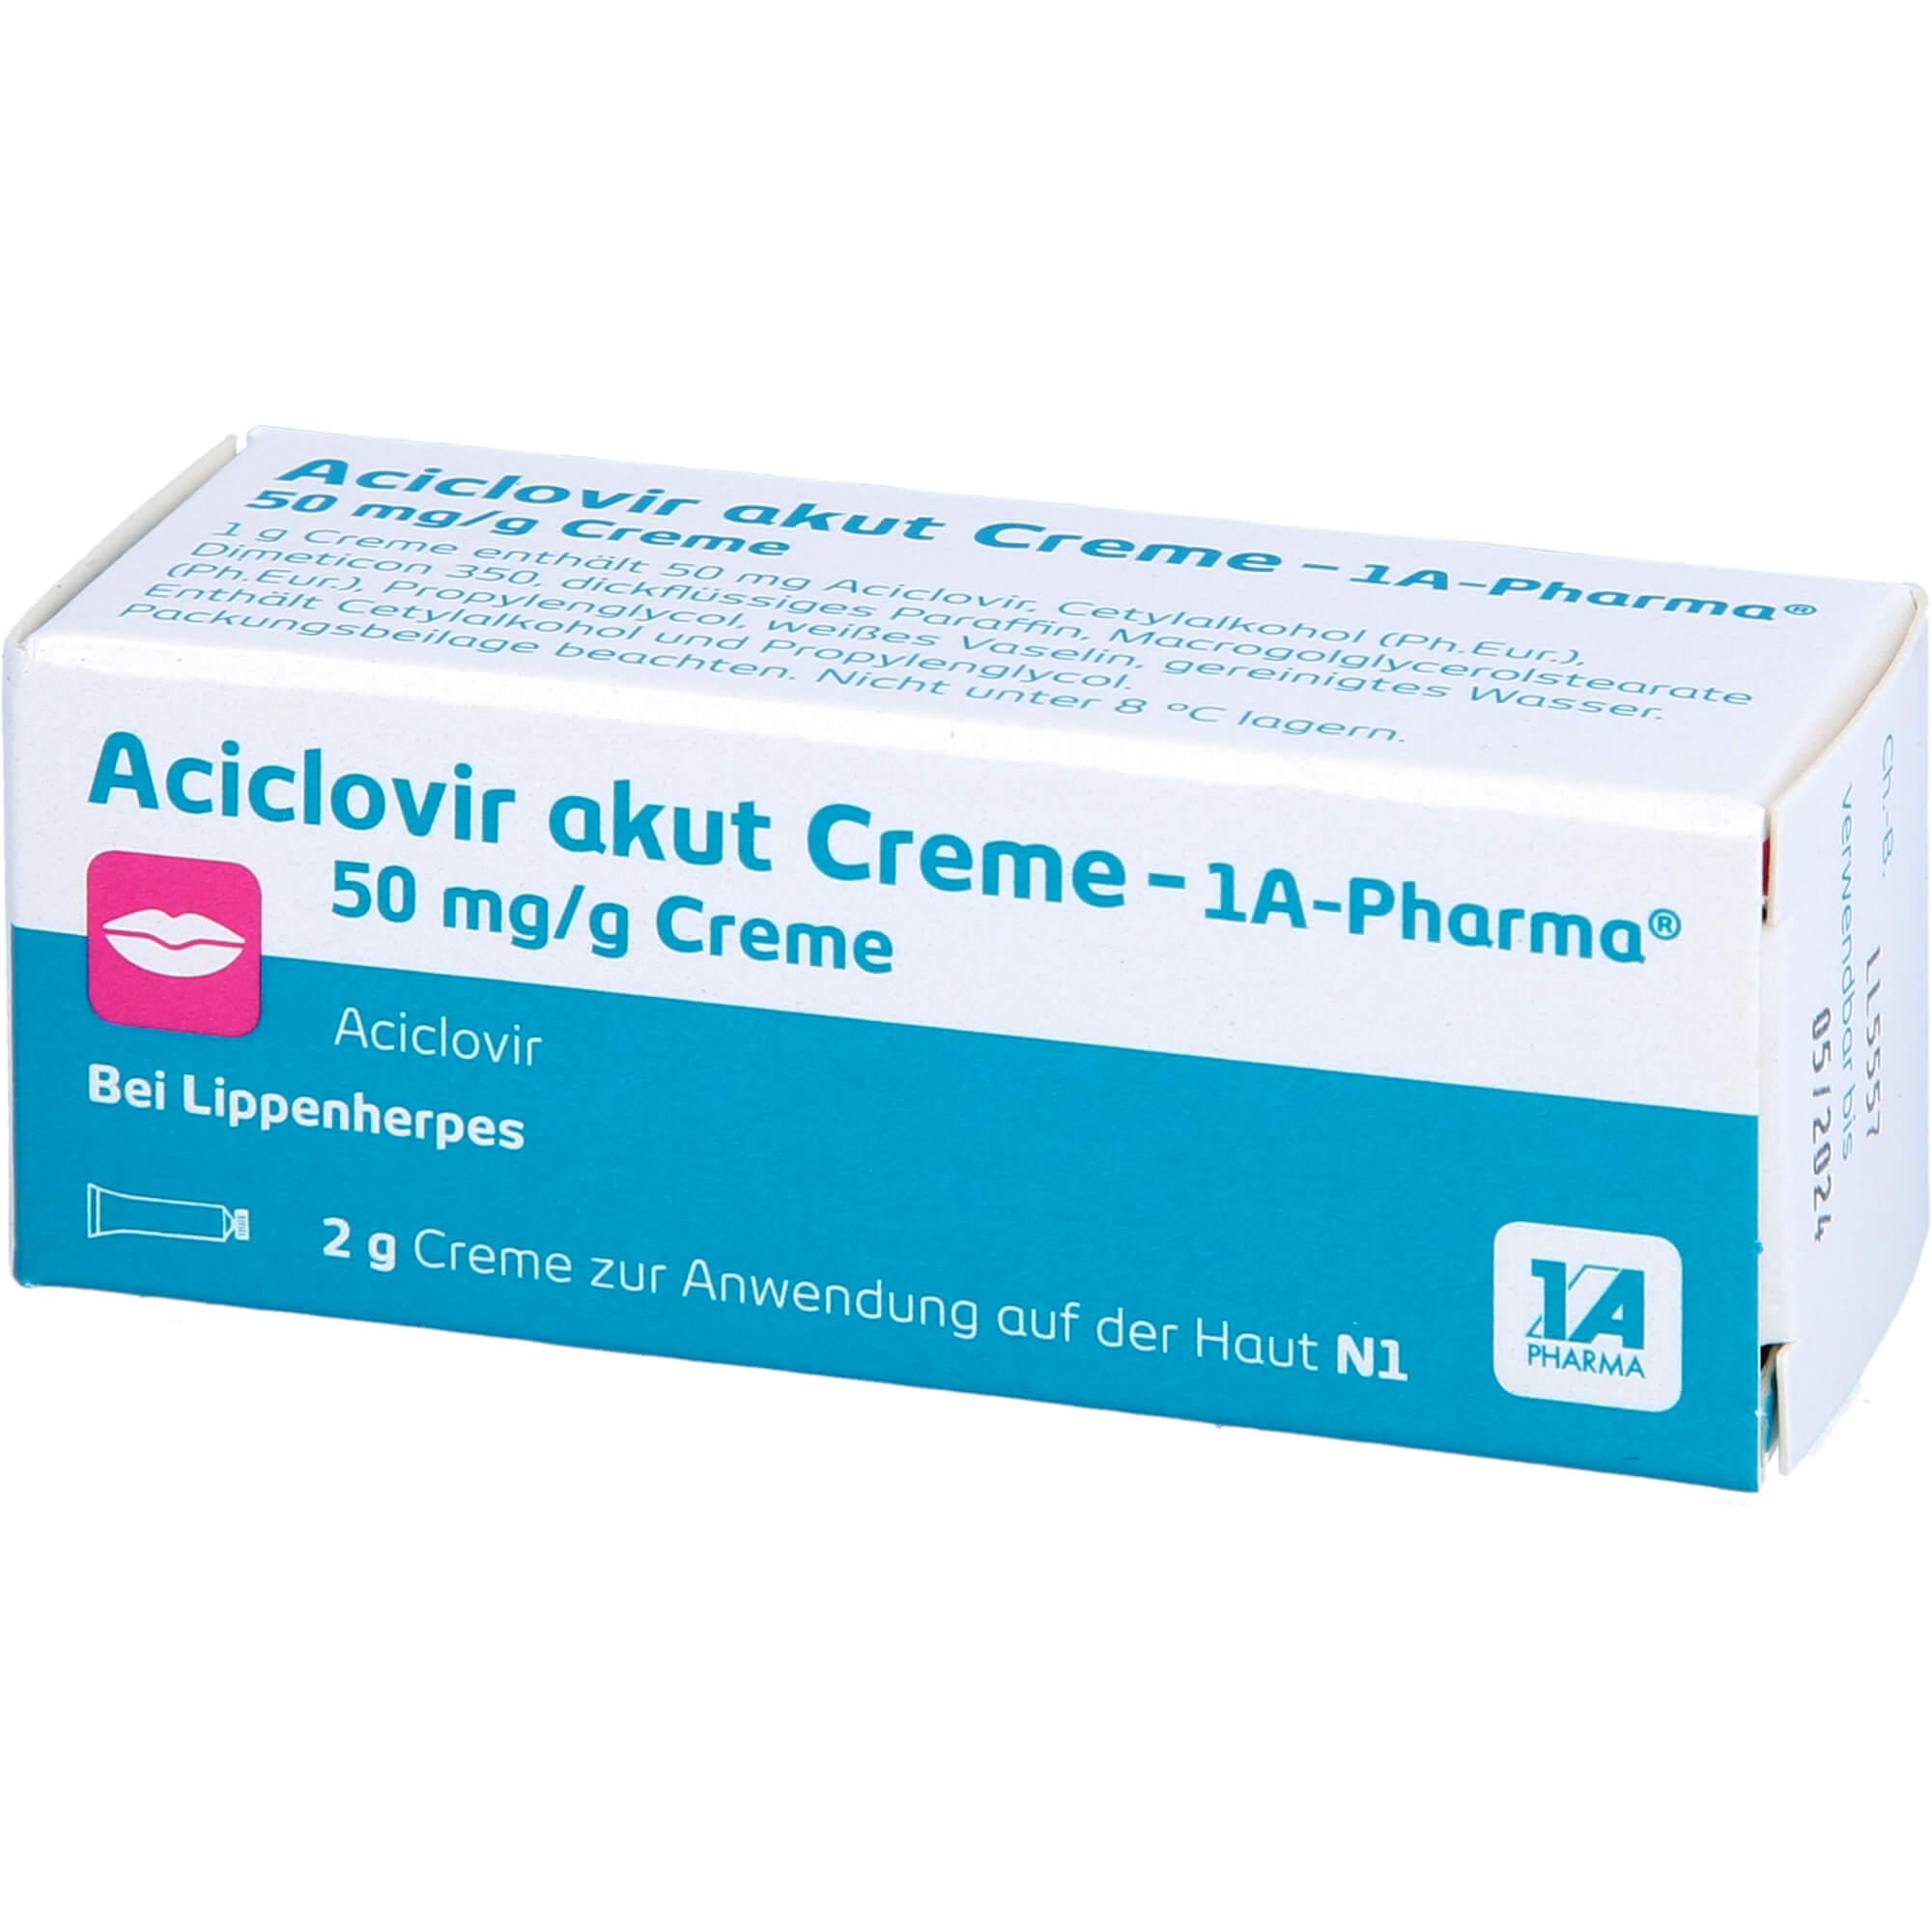 ACICLOVIR akut Creme-1A Pharma